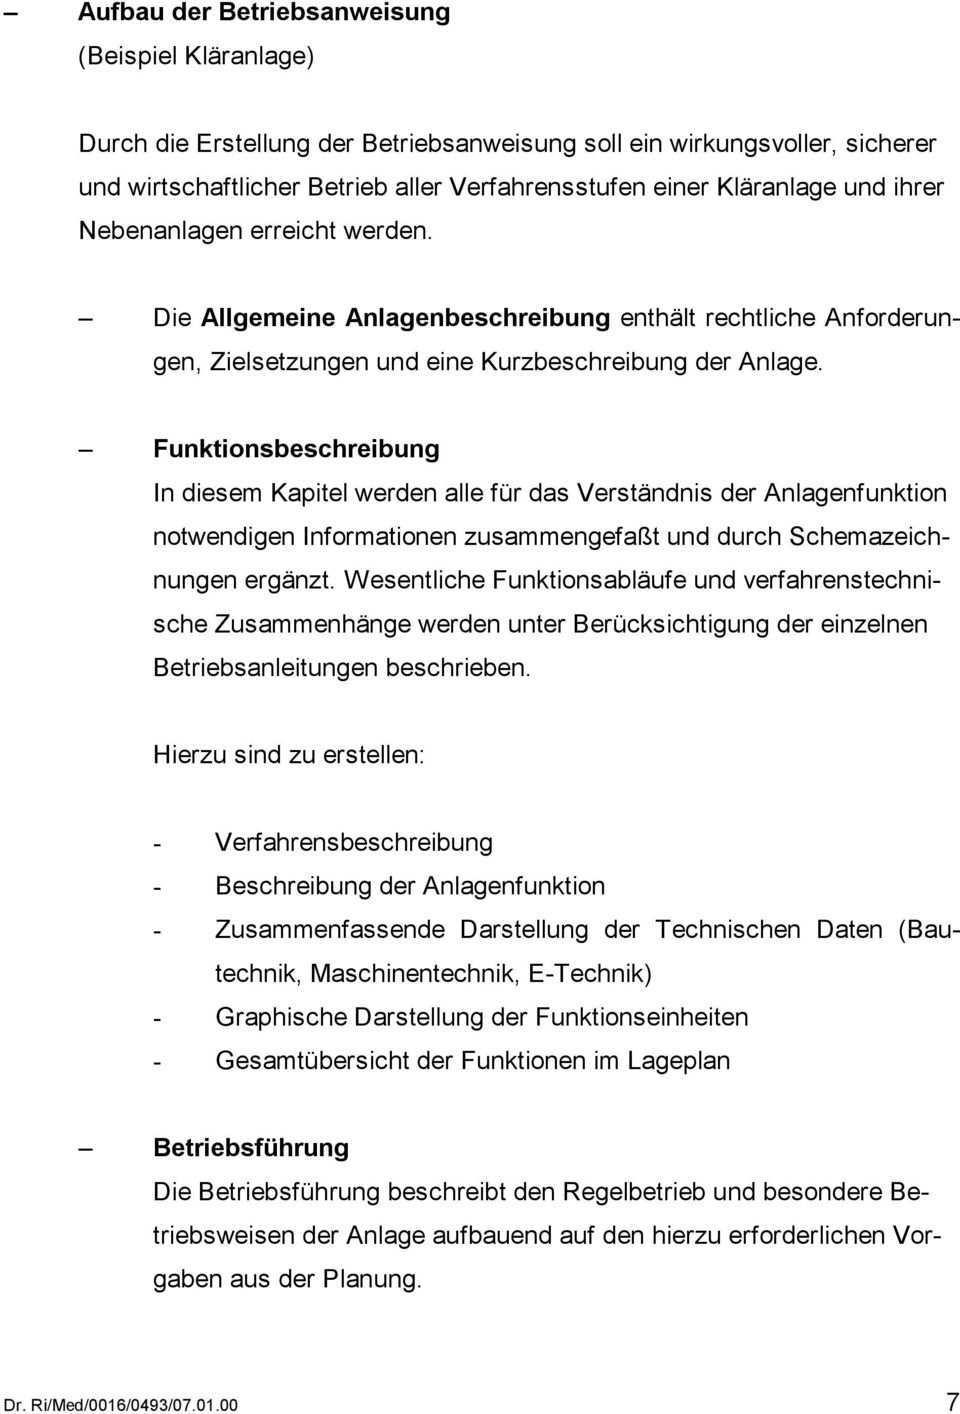 Dienst Und Betriebsanweisungen Fur Abwasserbetriebe Erfahrungsbericht Pdf Kostenfreier Download